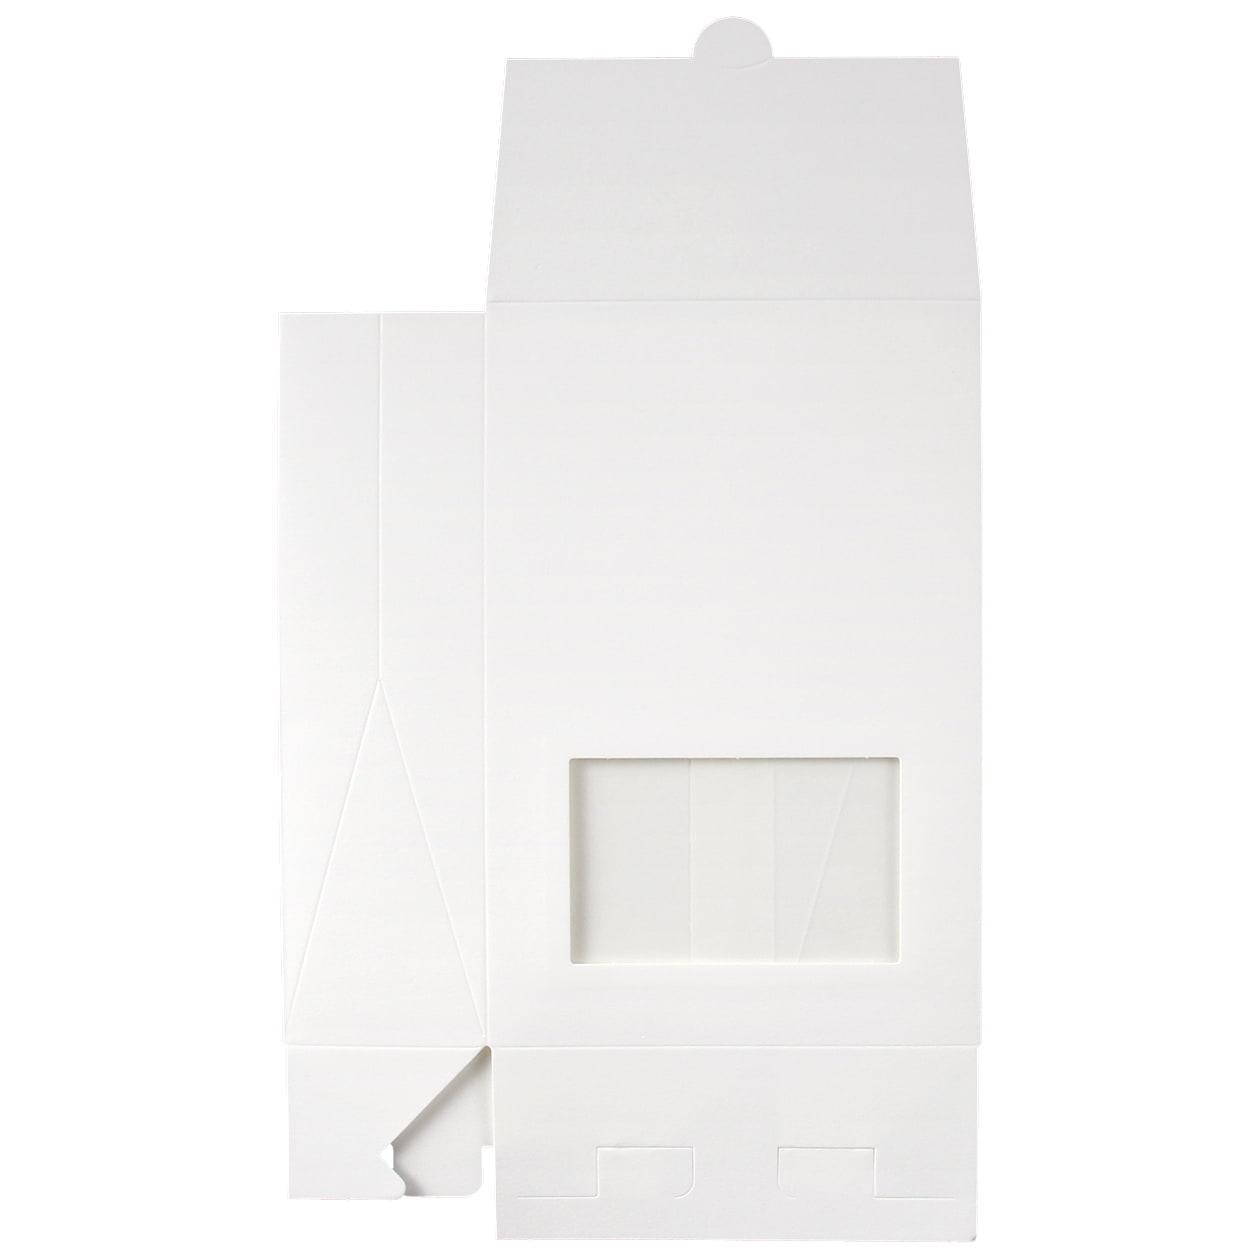 角底箱ロック式120×180×50 窓付 コットン スノーホワイト 232.8g